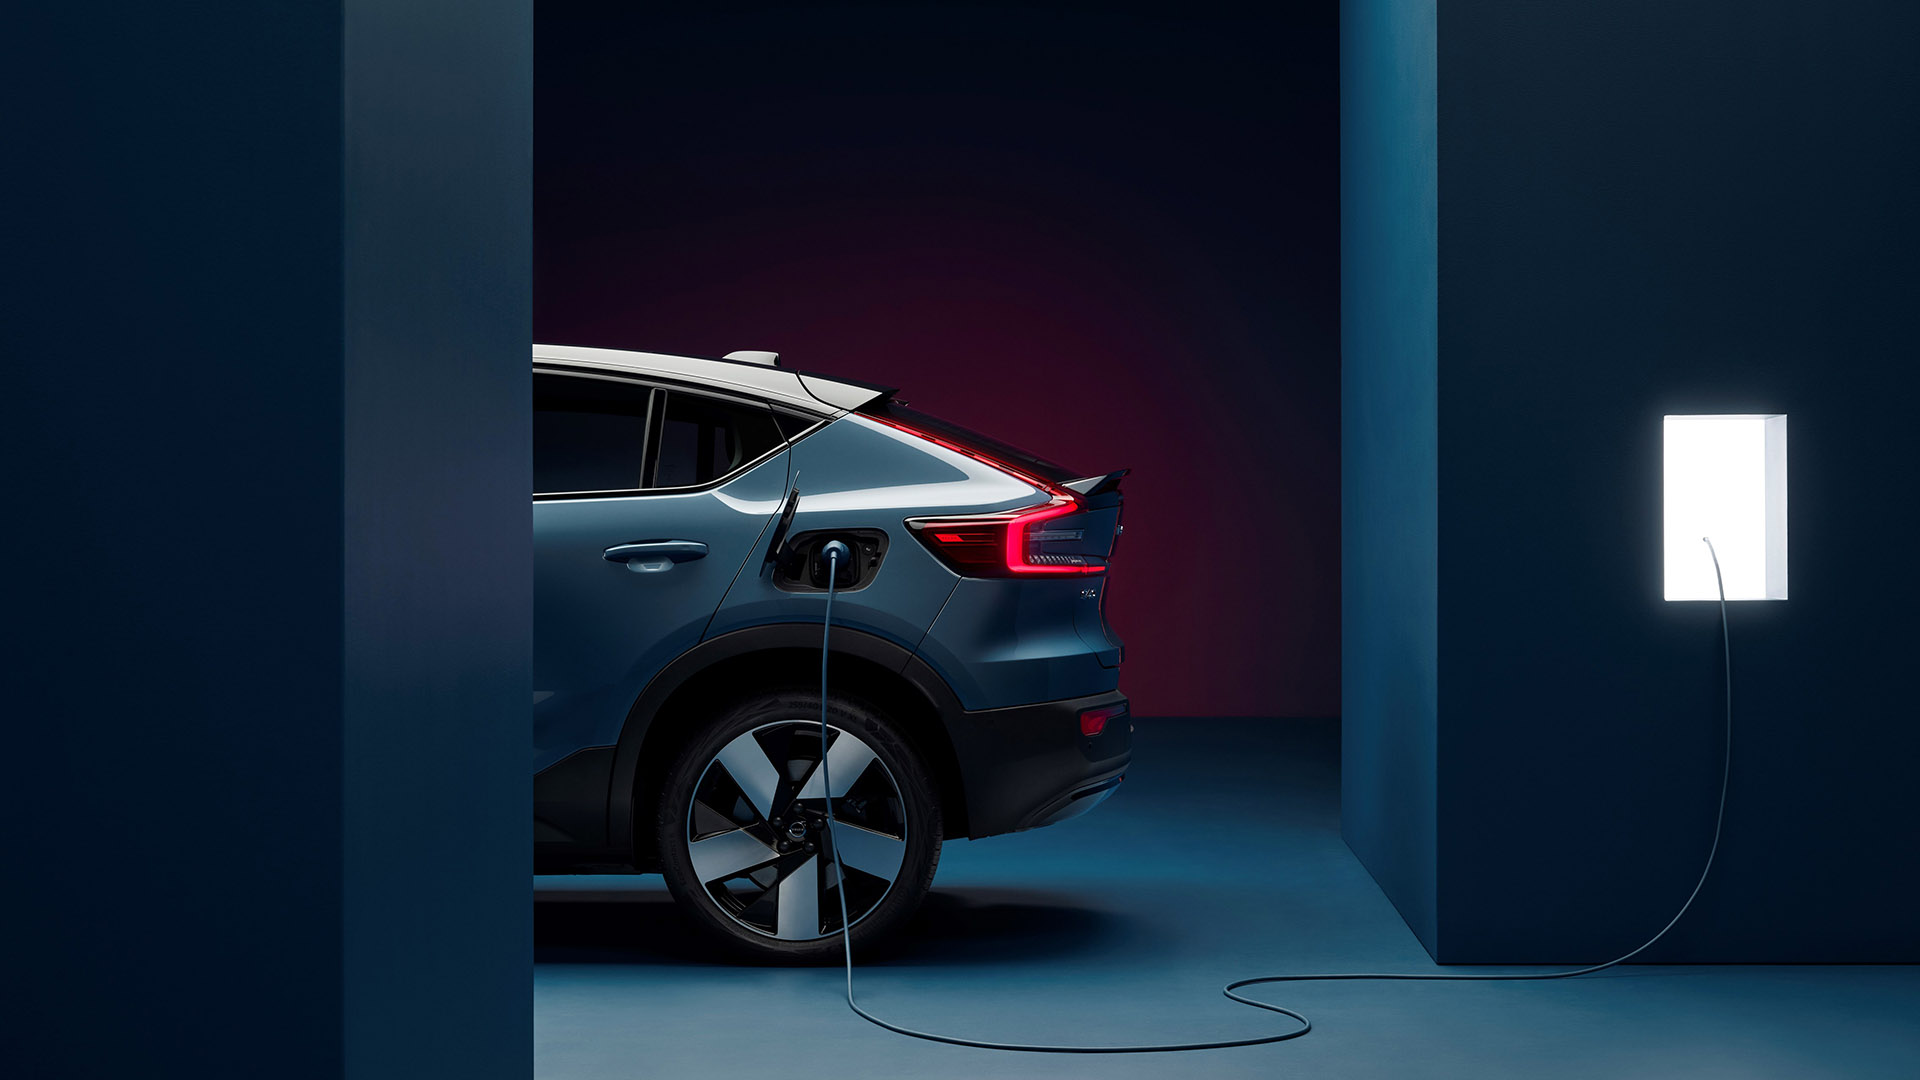 Όλα όσα πρέπει να γνωρίζετε για τη φόρτιση ενός ηλεκτρικού αυτοκινήτου (pics)